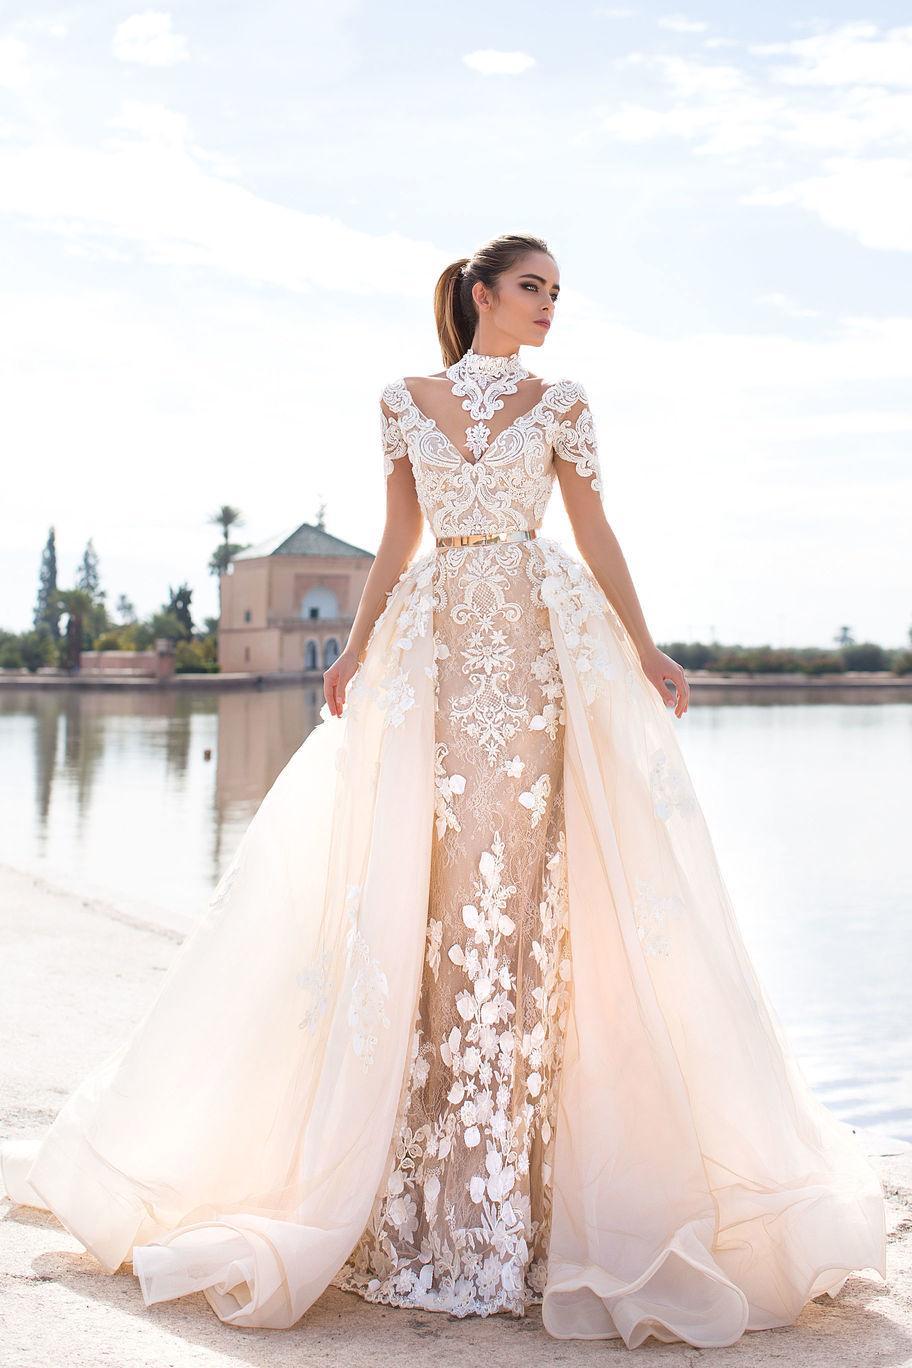 modnye-tendencii-svadebnoj-mody-27